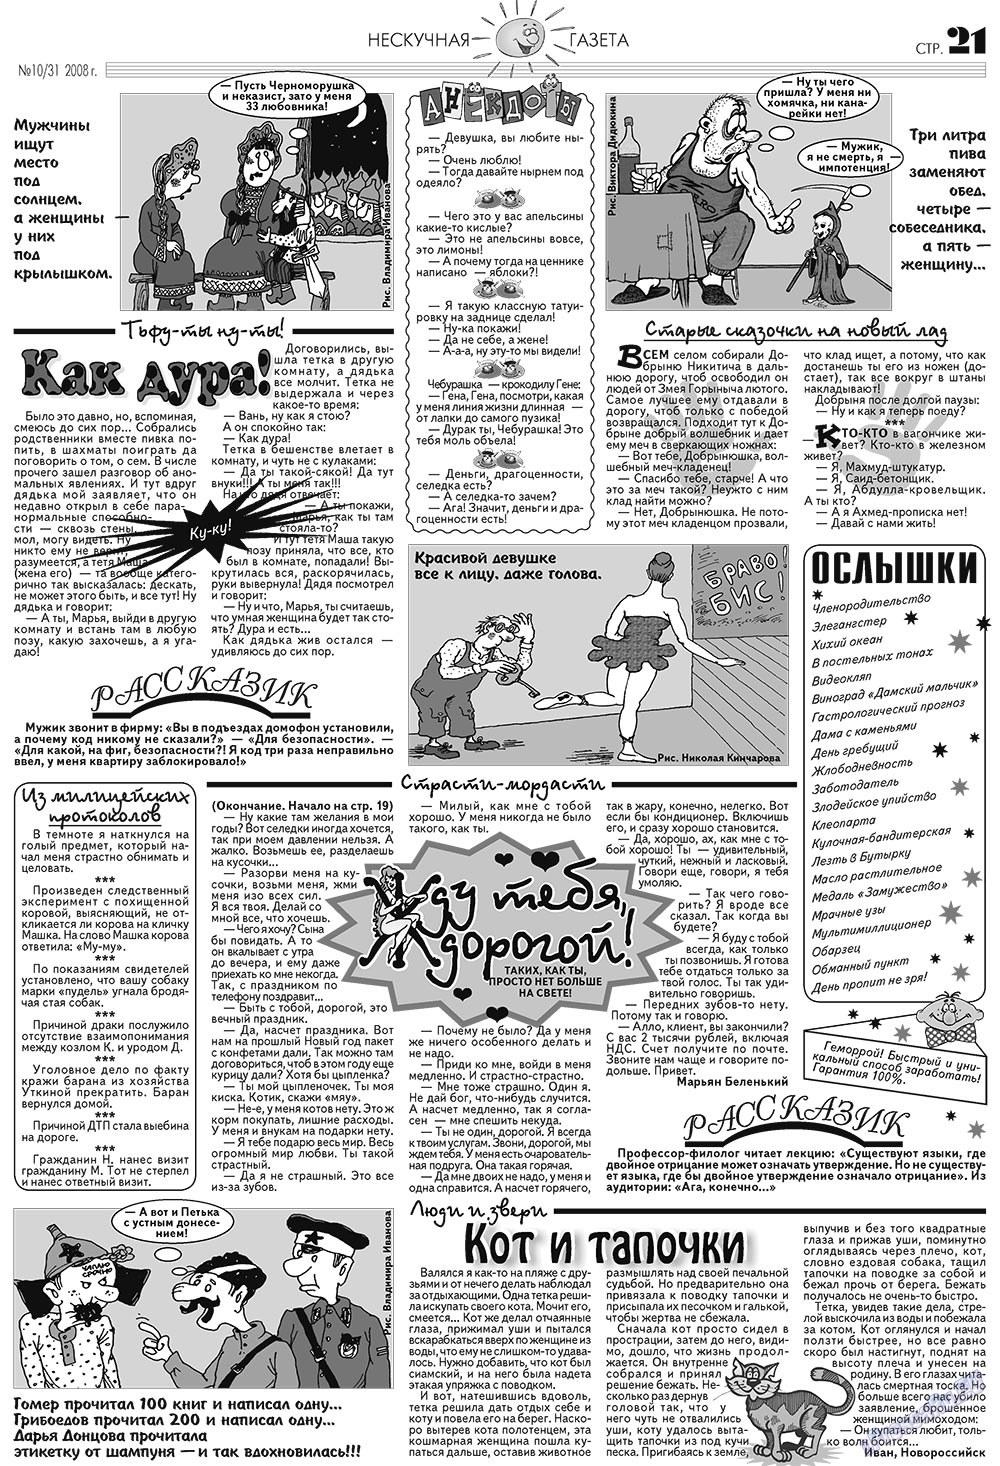 Нескучная газета (газета). 2008 год, номер 10, стр. 17